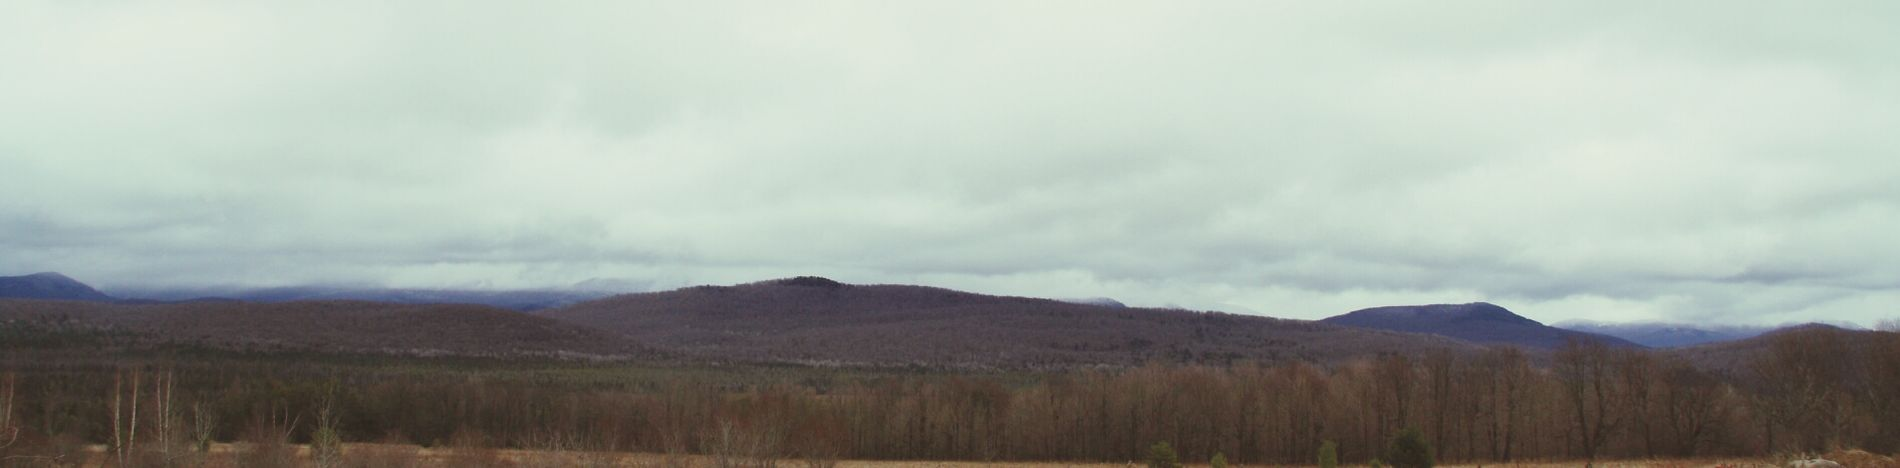 Adirondack Mountains Enjoying Life Outside